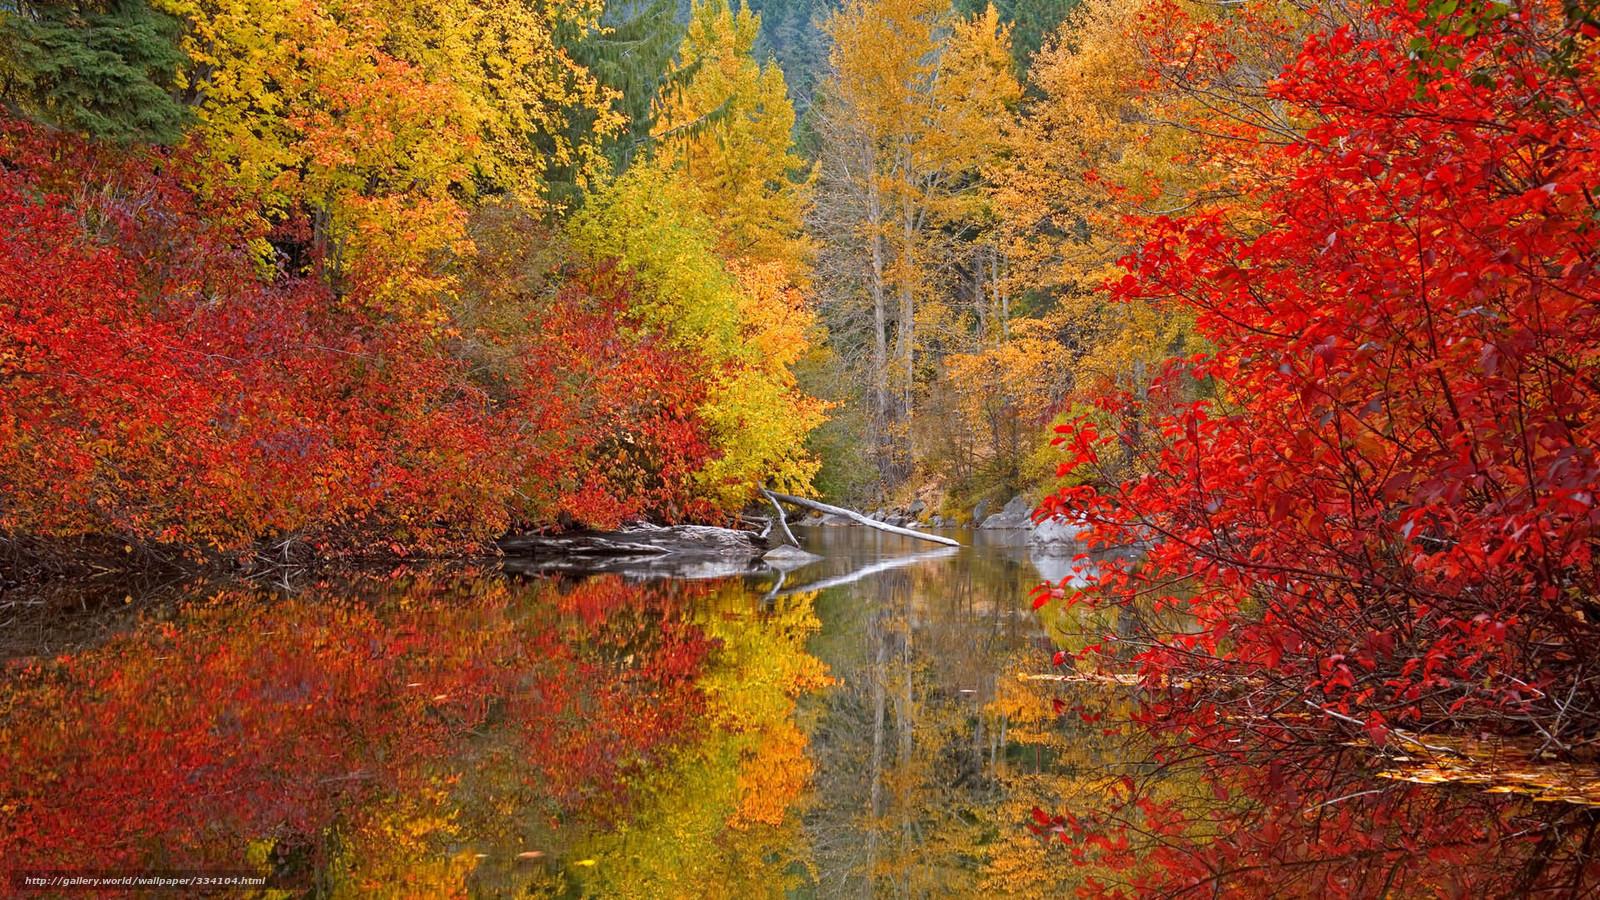 Download Hintergrund Herbst, Farben, Wald Freie desktop Tapeten in ...